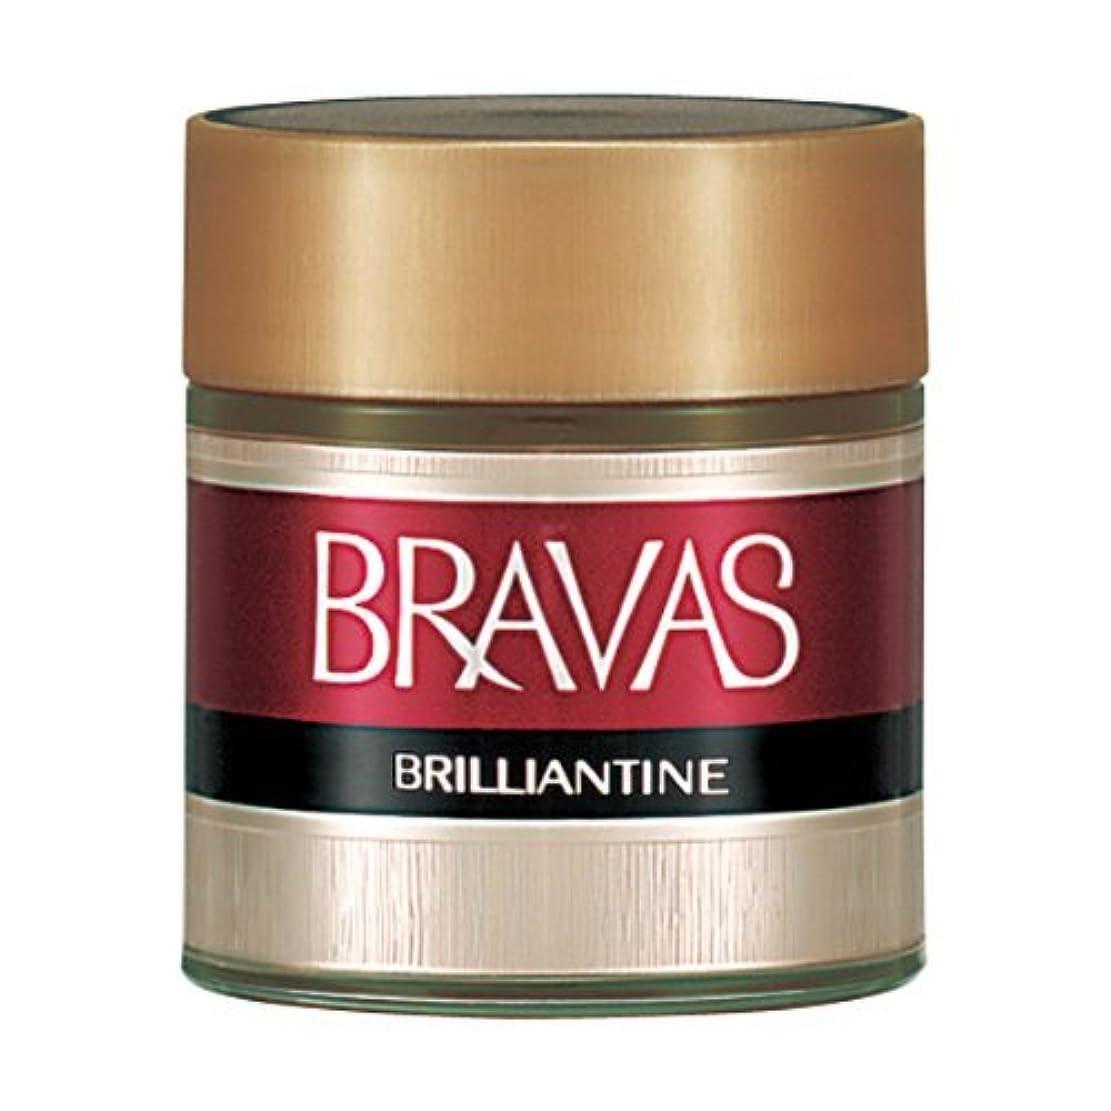 ブラバス ブリランチン 85g×6個